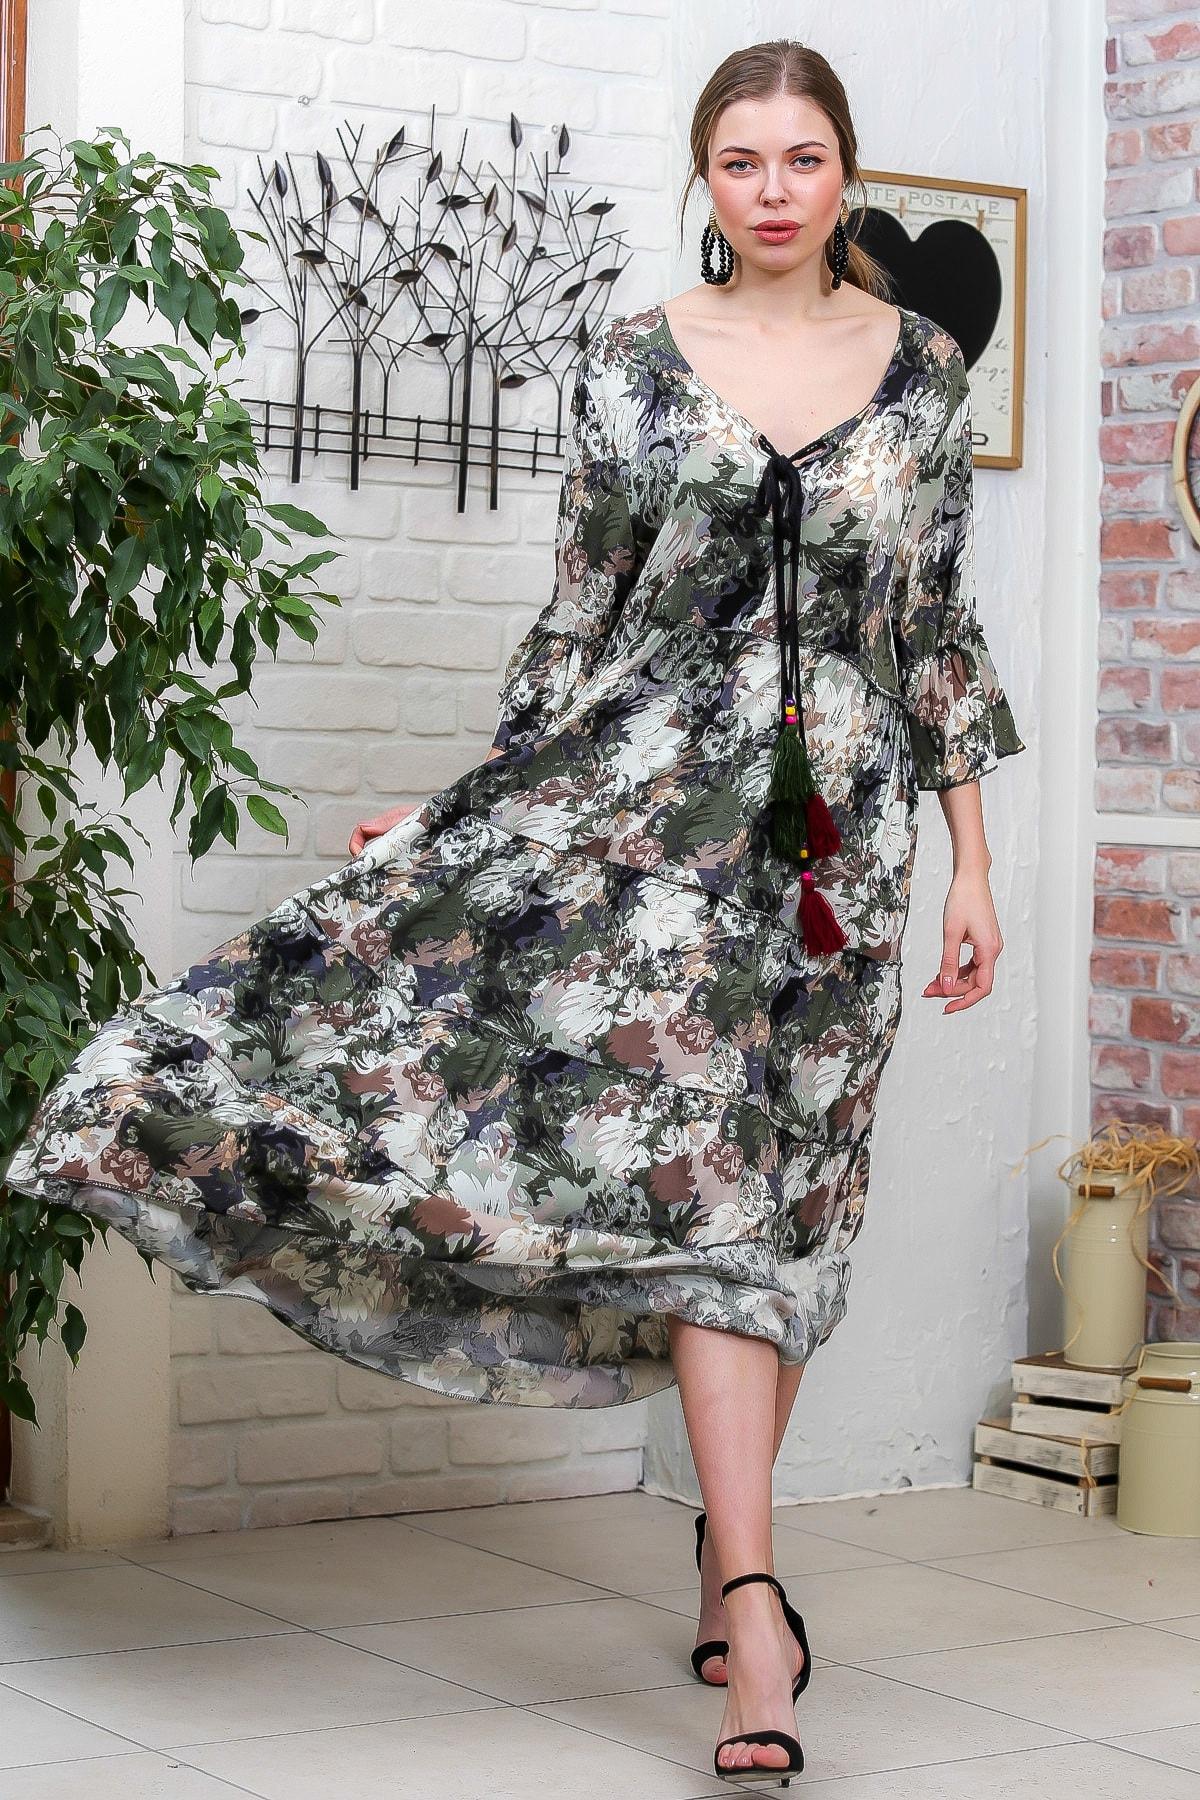 Chiccy Kadın Yeşil-Krem Suluboya Çiçek Desenli Püskül Bağcıklı Kat Kat Salaş Uzun Elbise M10160000EL95621 3